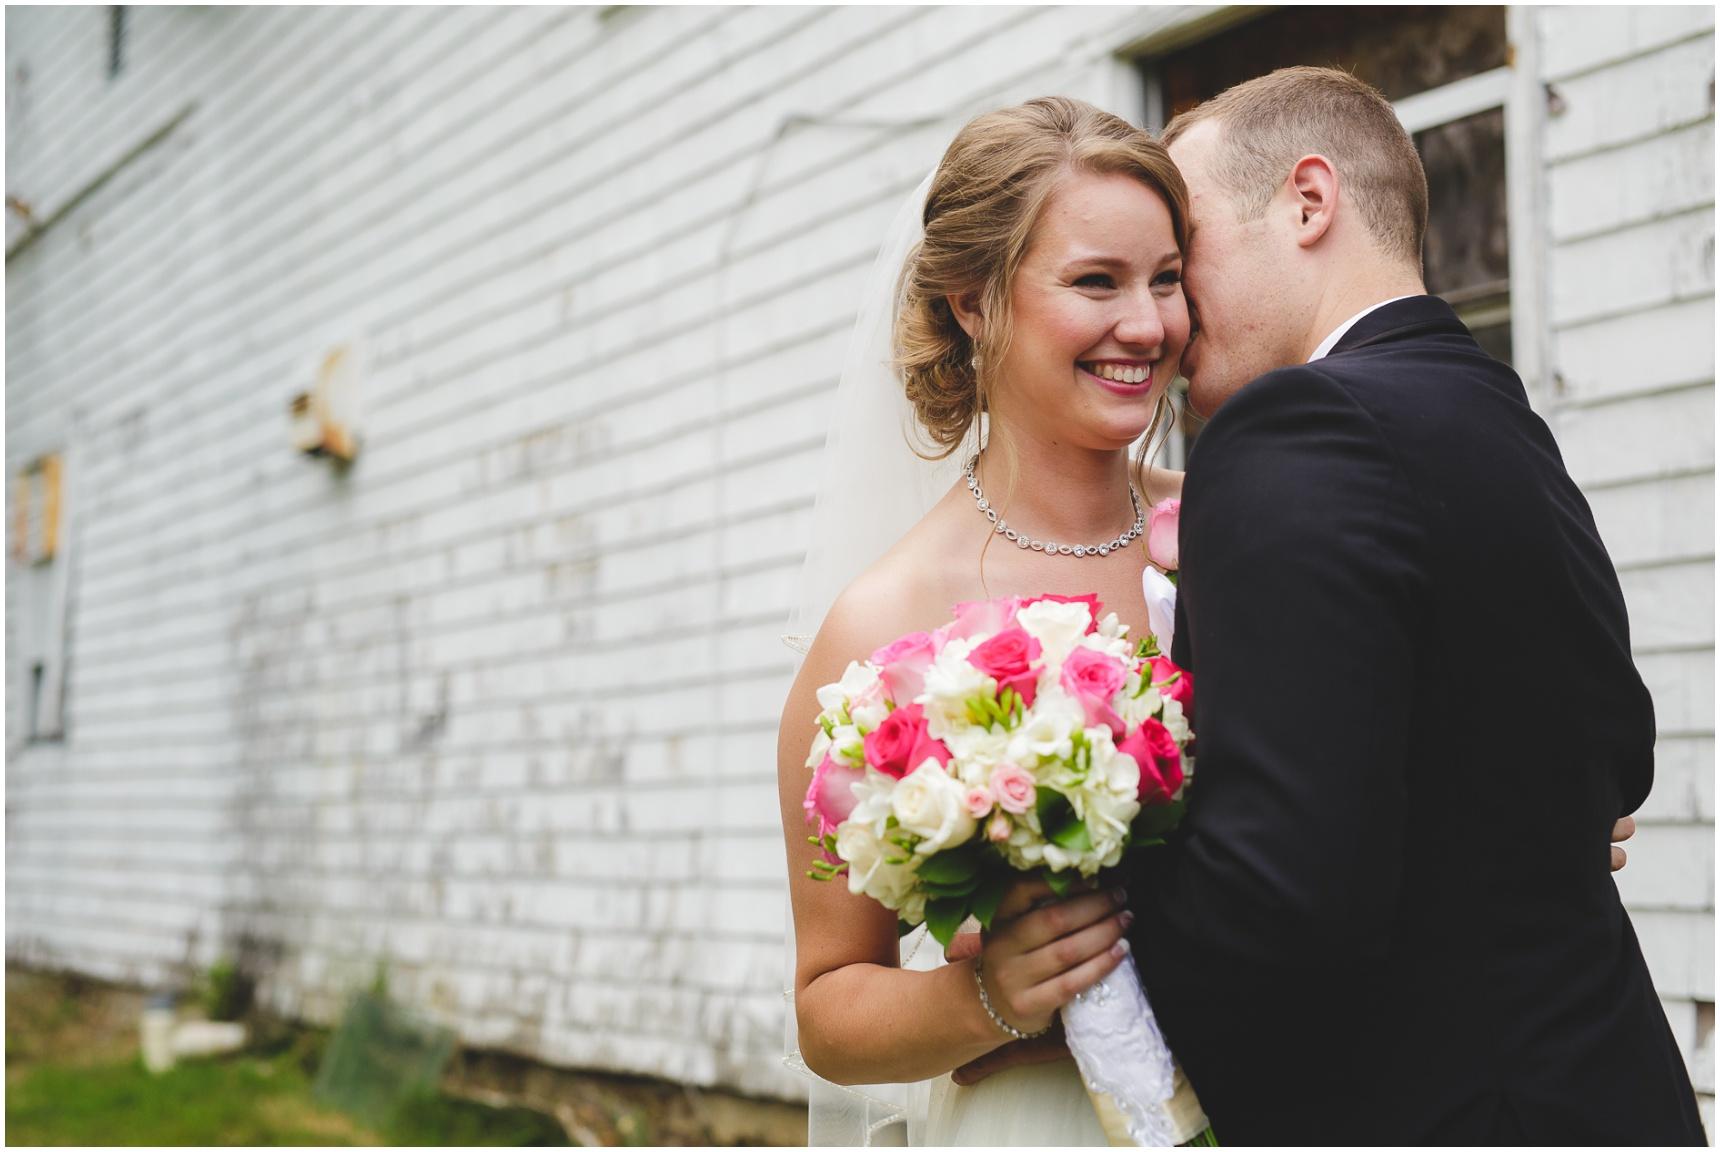 Buffalo-Avanti-Wedding-Photographer_033.jpg